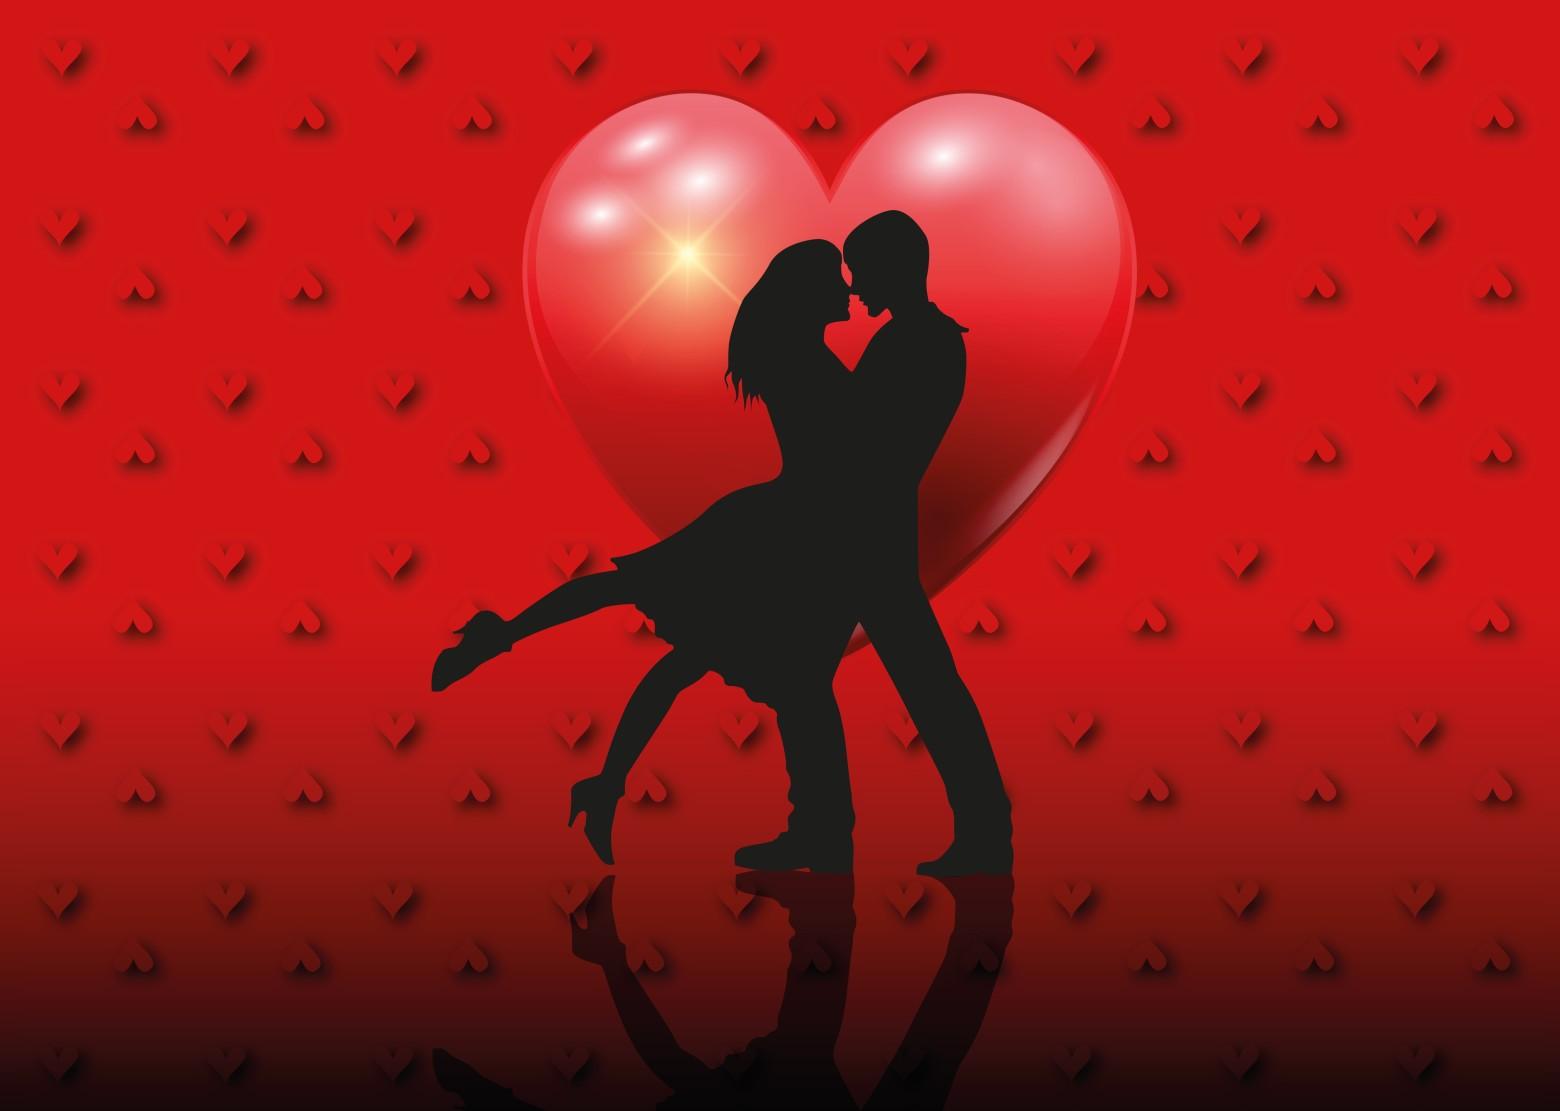 Carte saint valentin coeur amour amoureux images gratuites - Images coeur gratuites ...